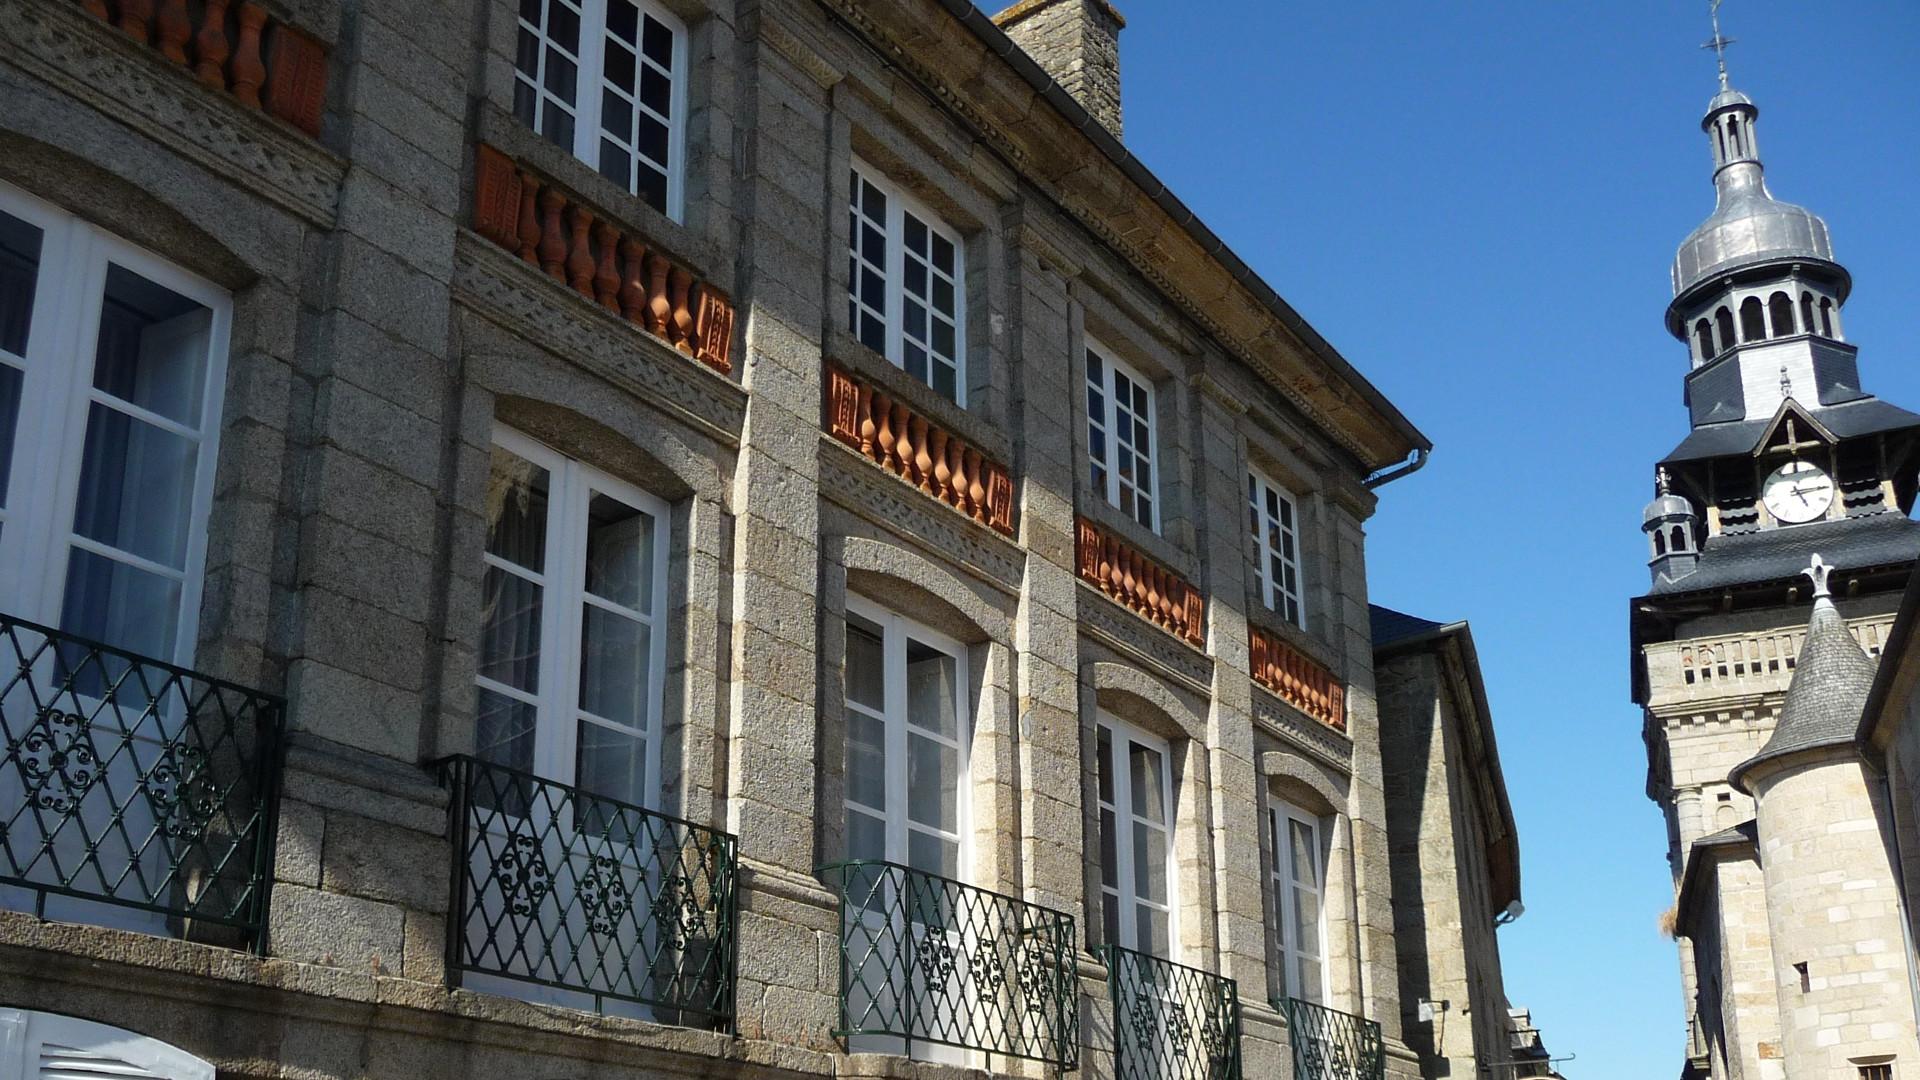 L'hôtel Latimier de Clezieux Moncontour